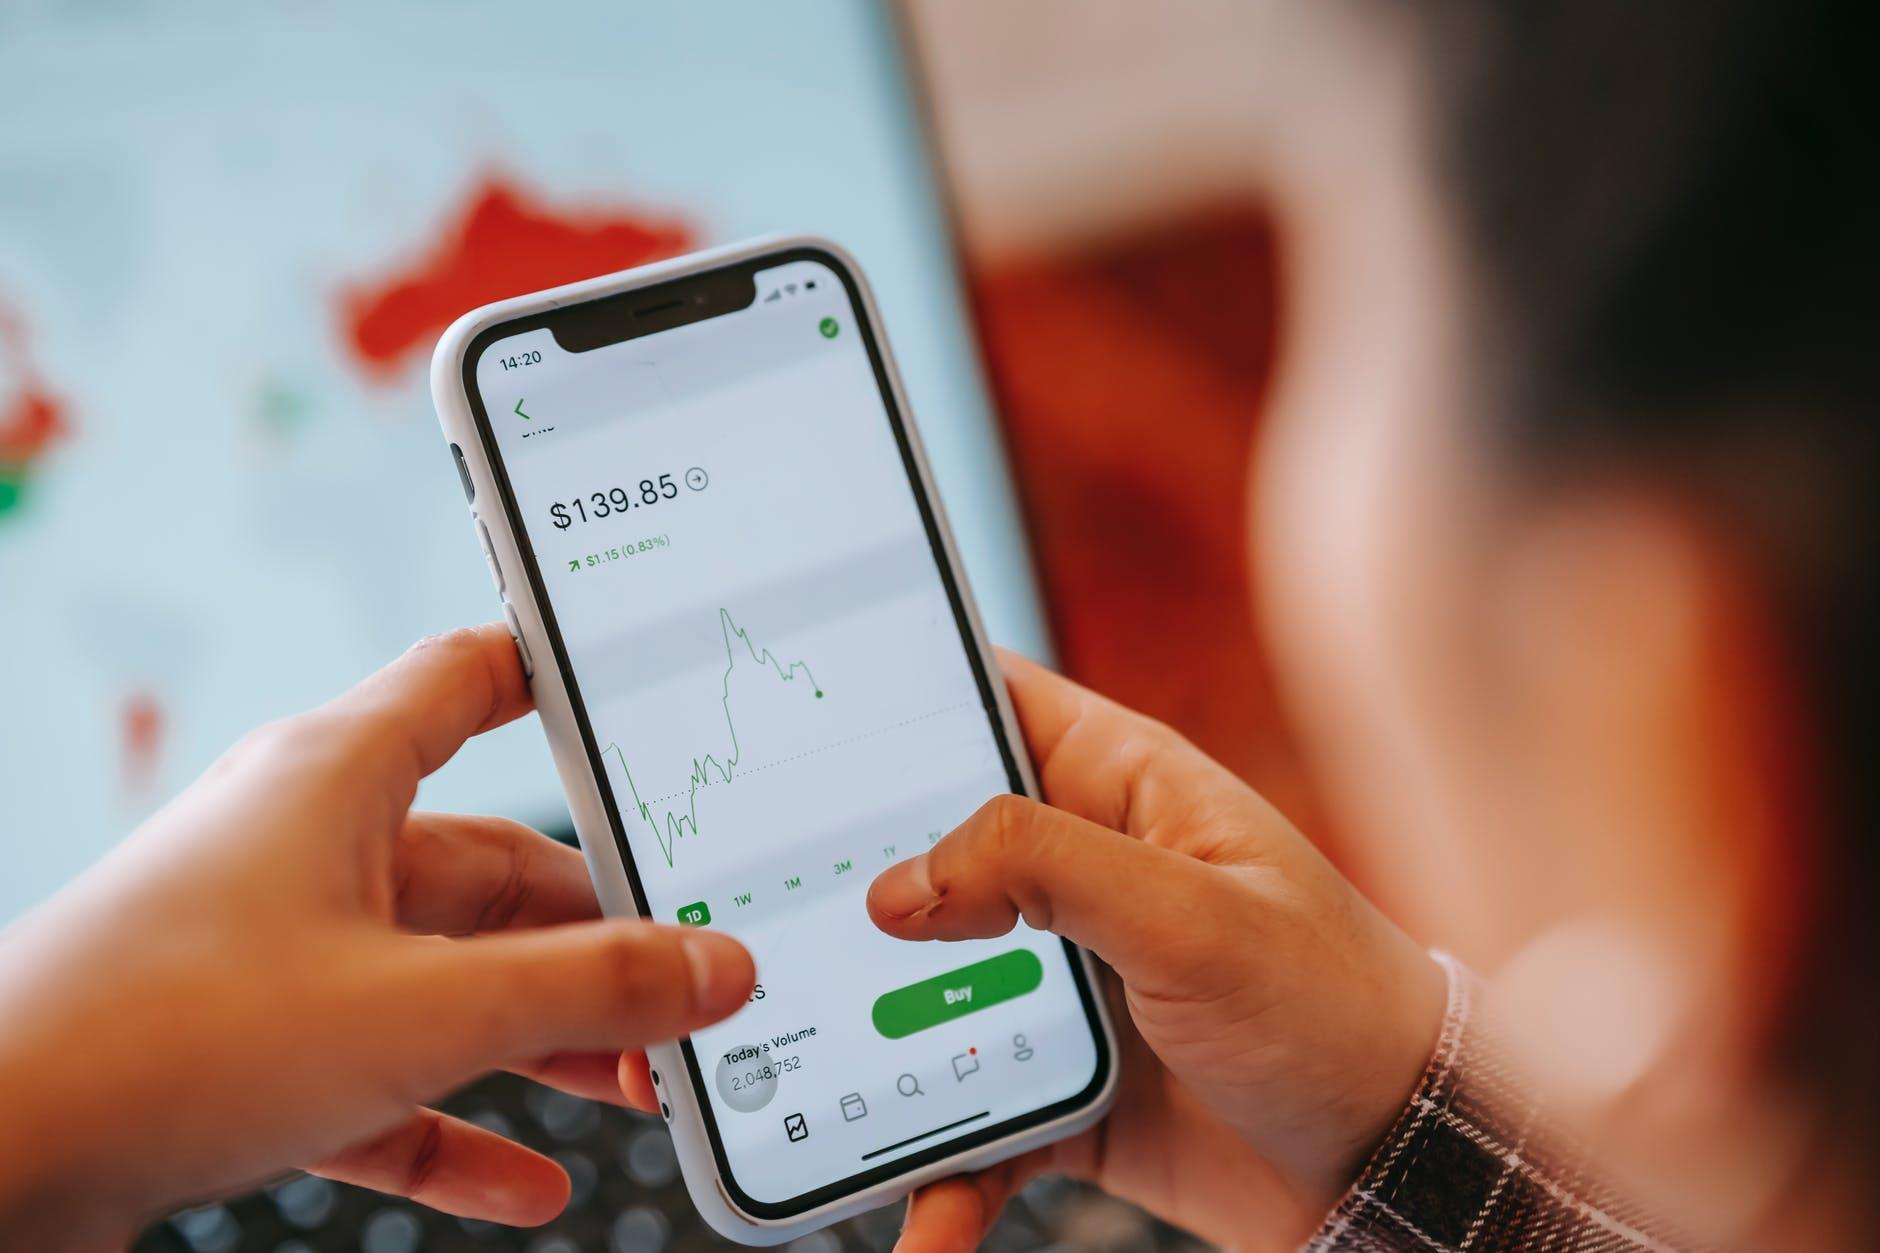 Quy định về sàn giao dịch thương mại điện tử